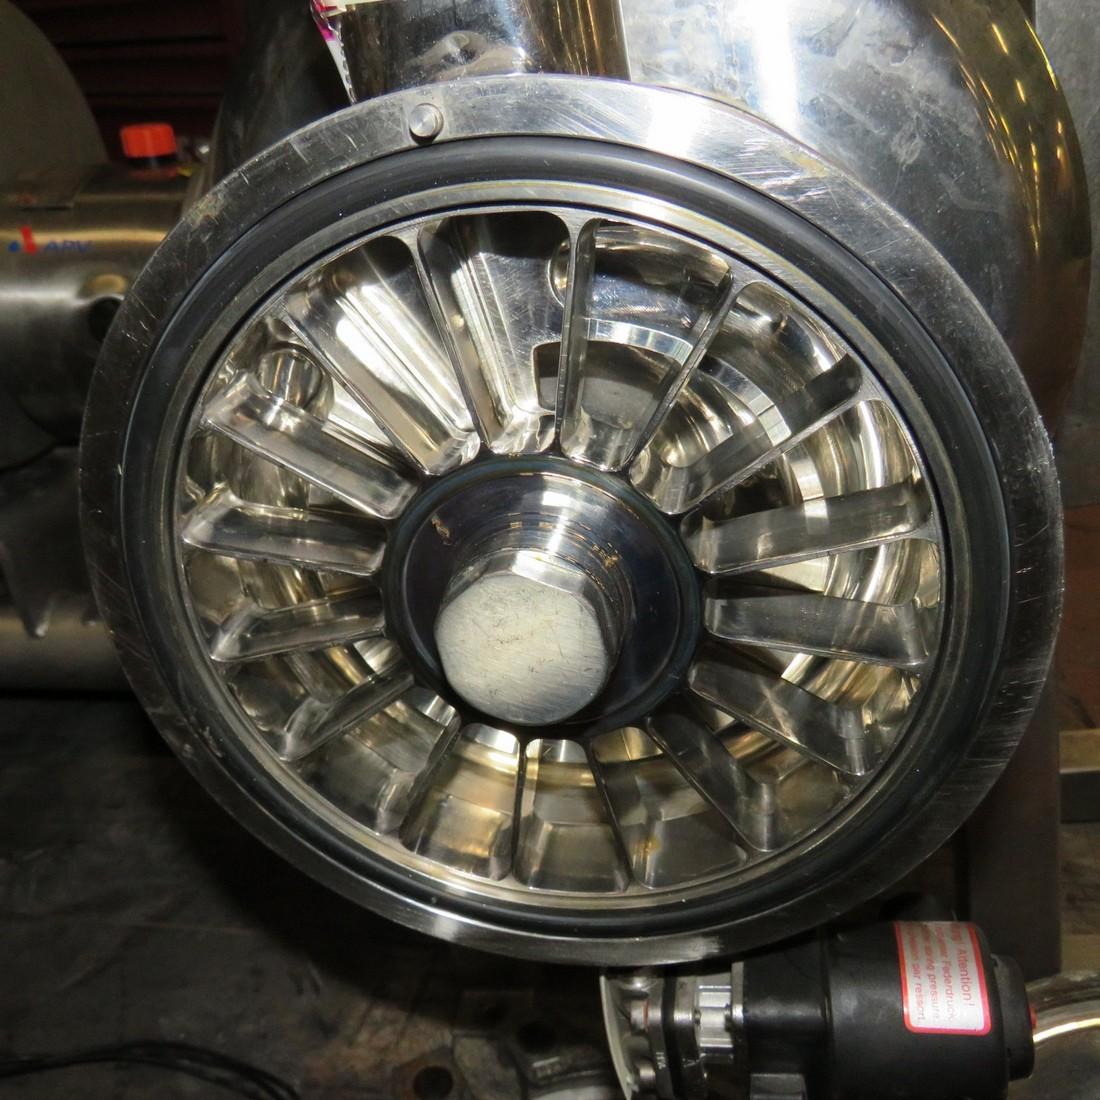 R10VA1272 Stainless steel self-priming CSF pump Type AS50.4.3 / B.NPT83